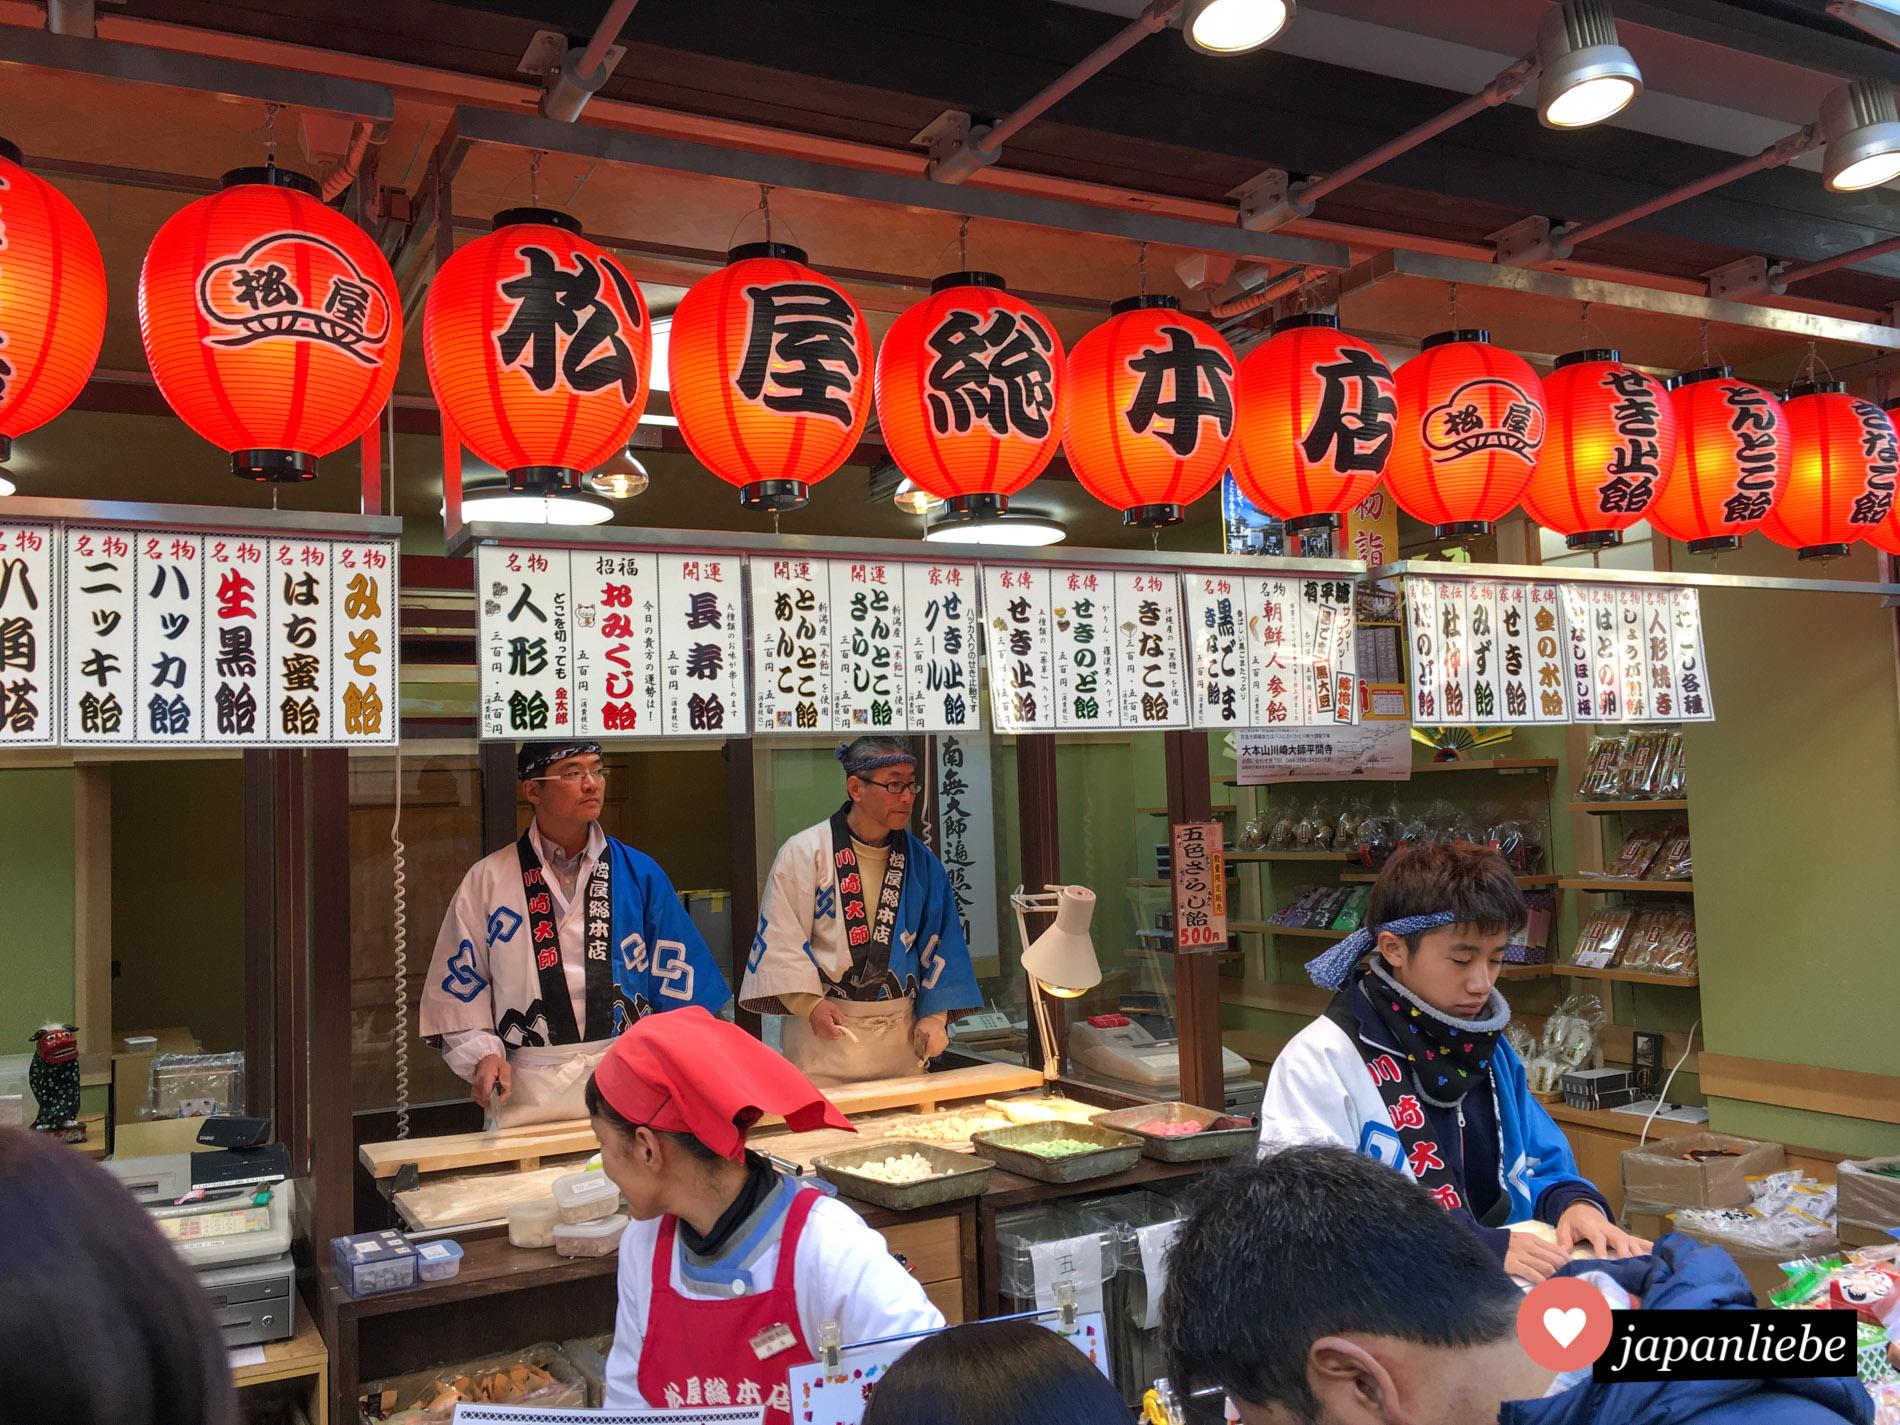 Rote Laternen preisen einen Imbiss in der Stadt Kawasaki an.